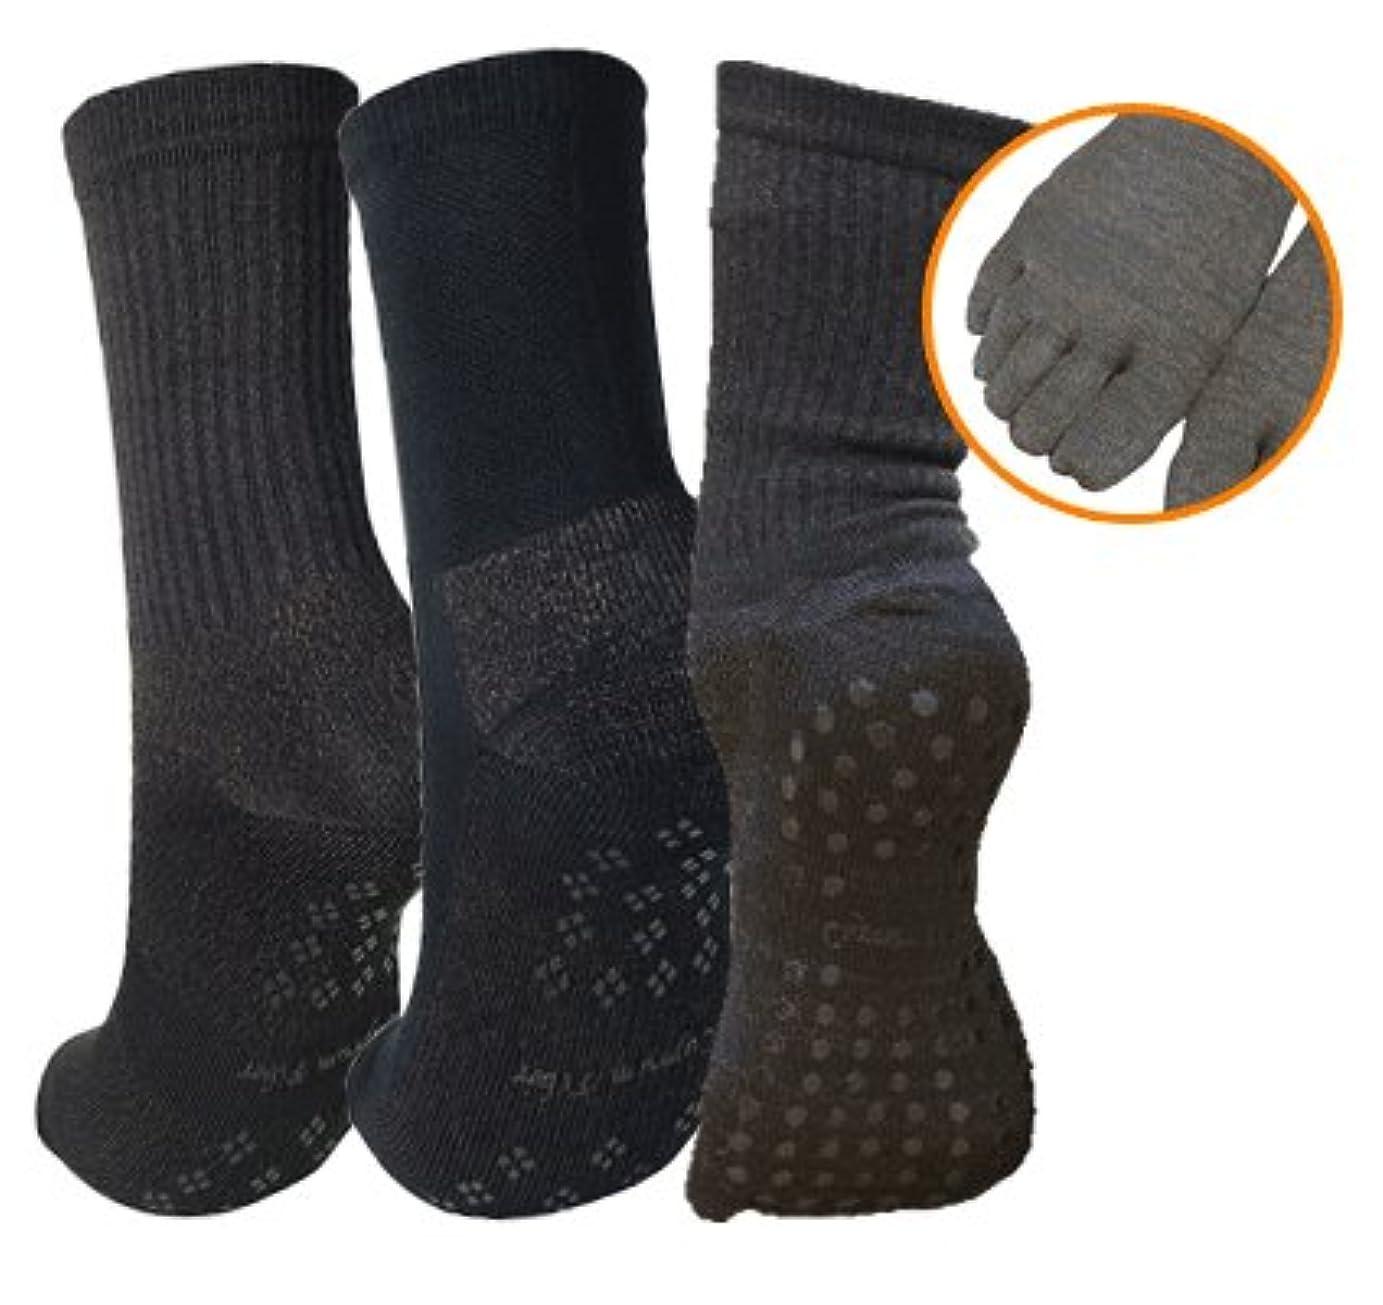 検体満たすパズル銅繊維靴下「足もとはいつも青春」 女性専用お得お試し3点セット 【しもやけ対策に】